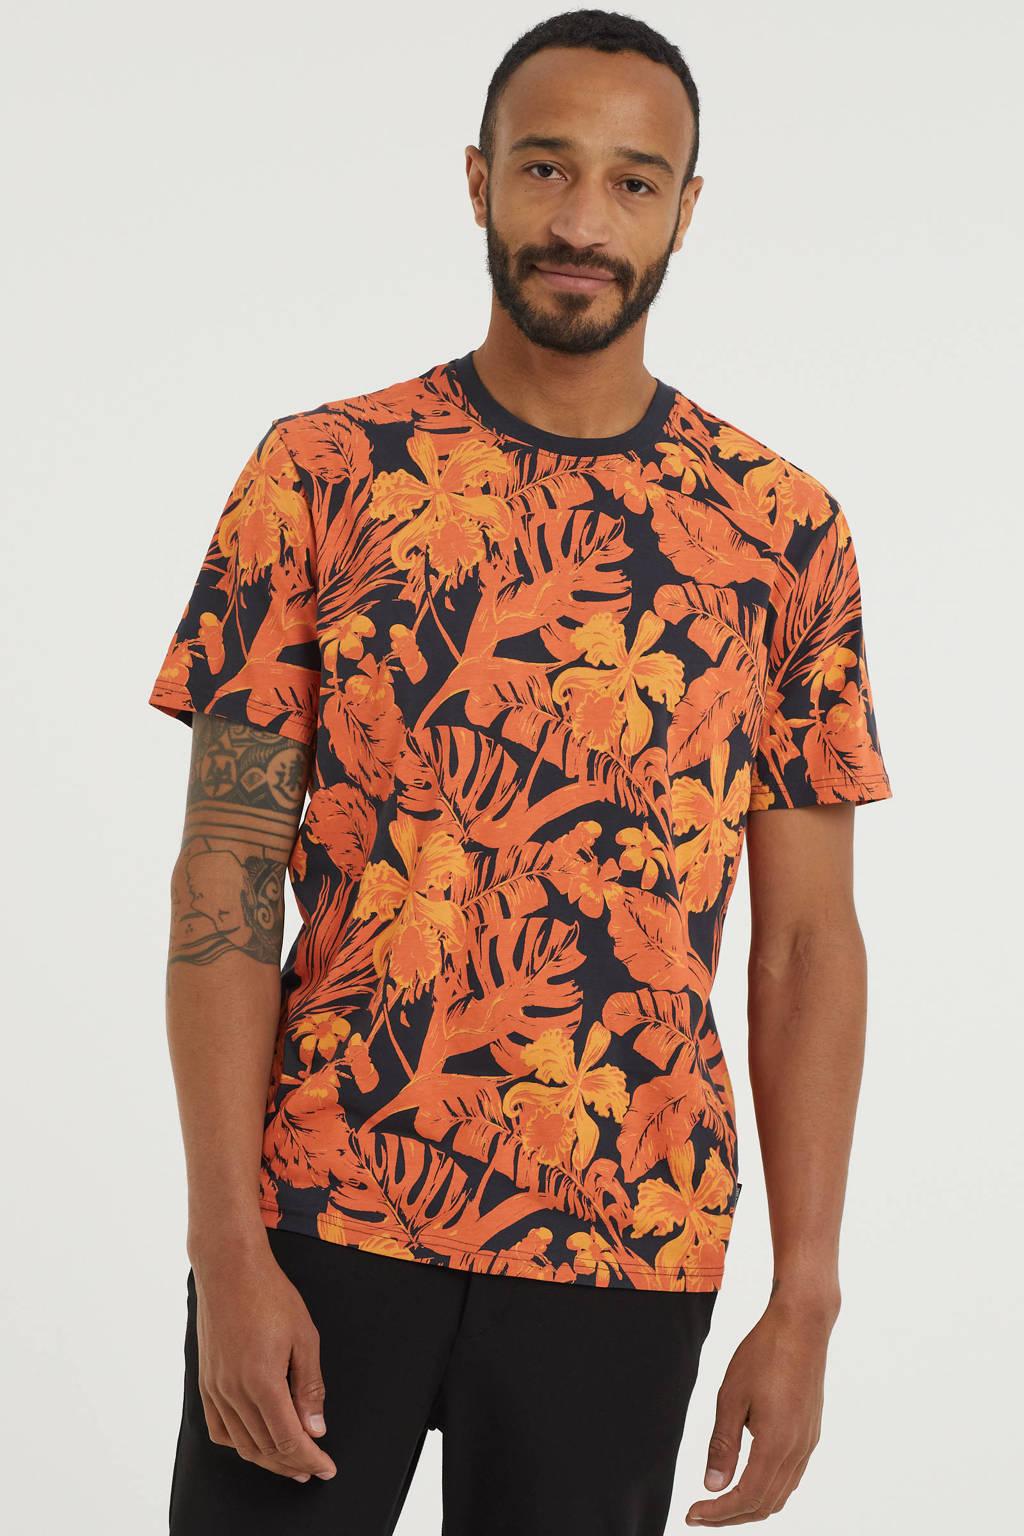 ONLY & SONS T-shirt van biologisch katoen met bladprint oranje/zwart, Oranje/zwart